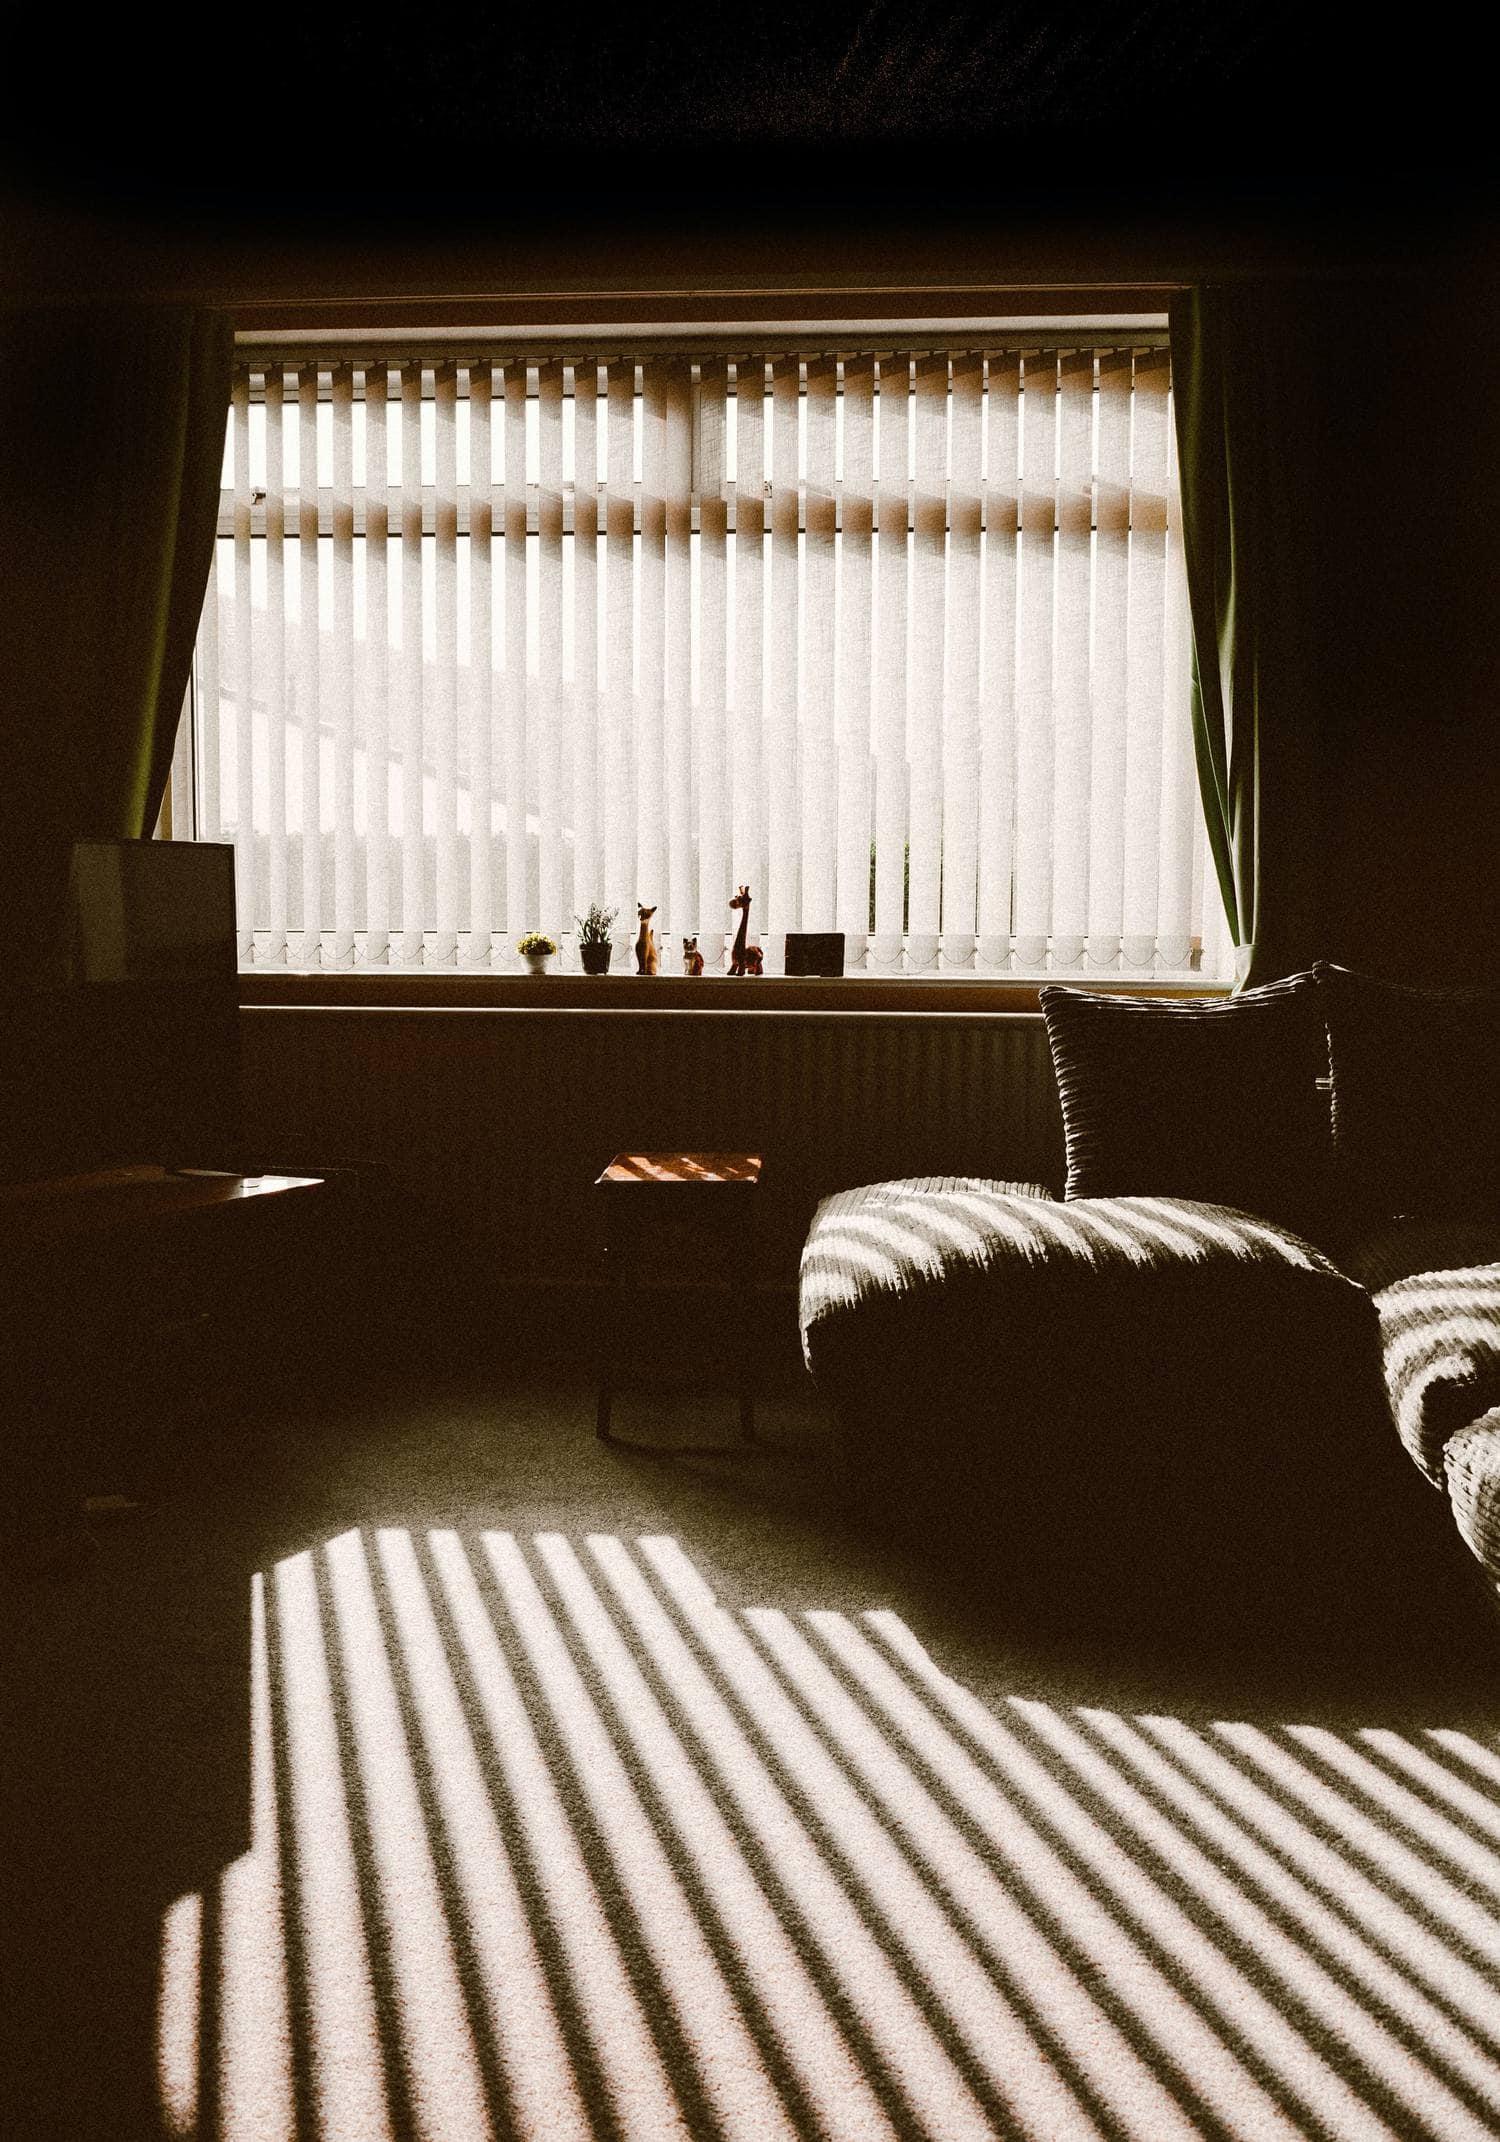 Sombras y luces en interior